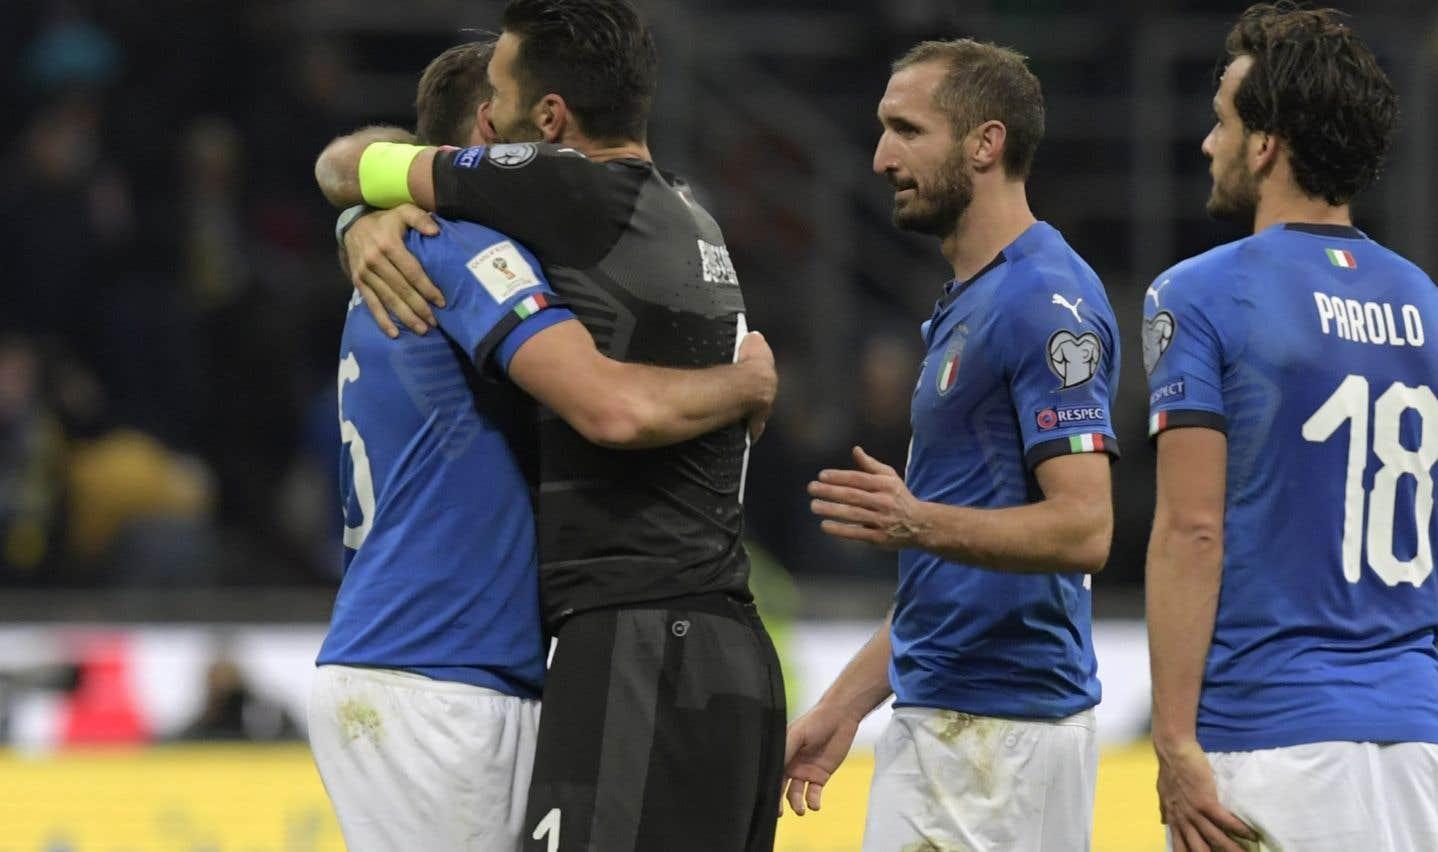 Après son exclusion du Mondial, l'Italie doit entreprendre un virage jeunesse